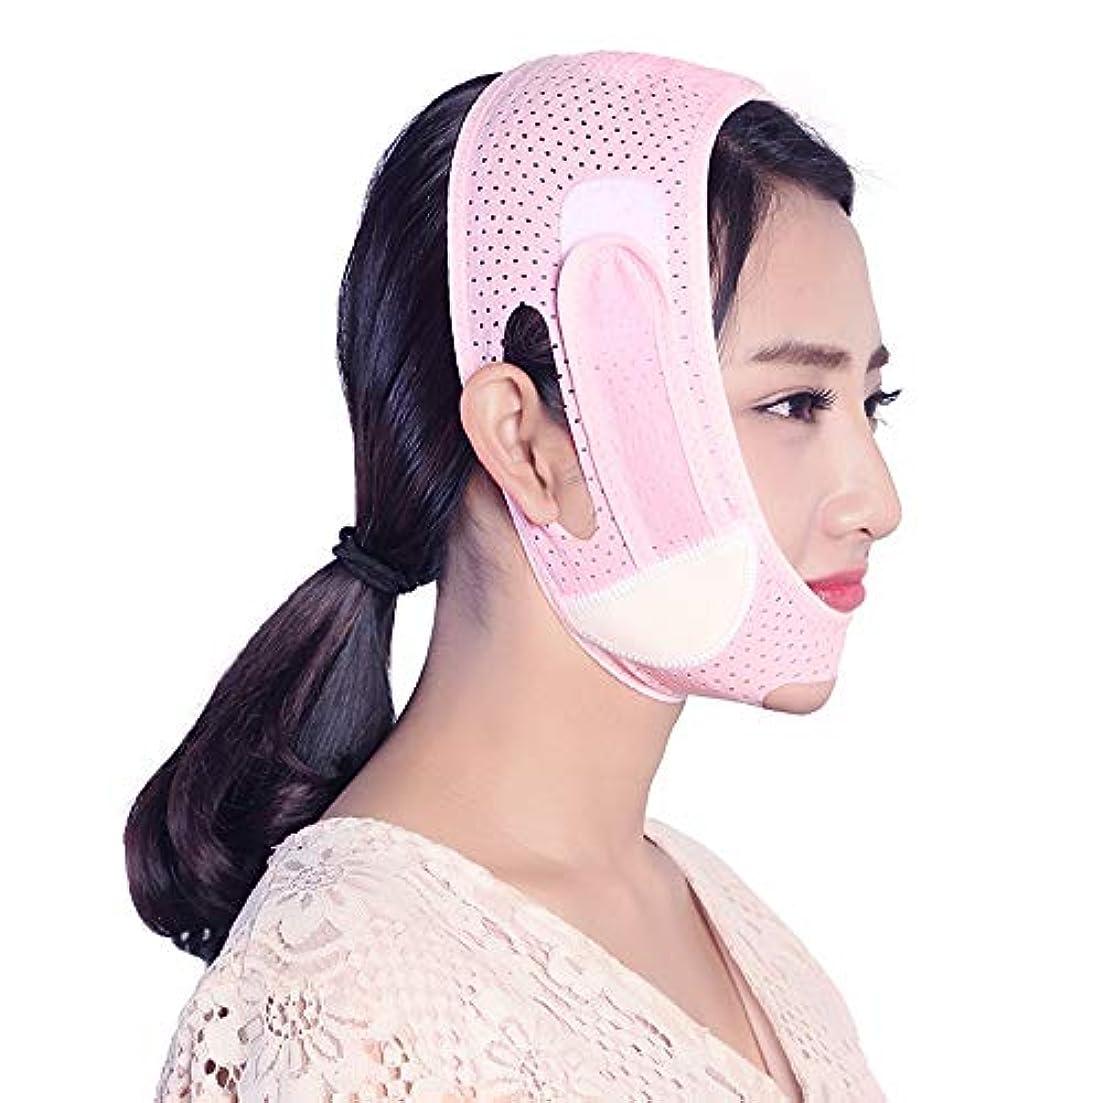 高速道路フロー反逆者ベルト、調節可能なフェイスリフトマスク、顔の整形、ファーミング、小さなV顔を引っ張る、フェイシャル?咬筋の改善、記述柄、二重あごを持ち上げる顔 (Color : A)